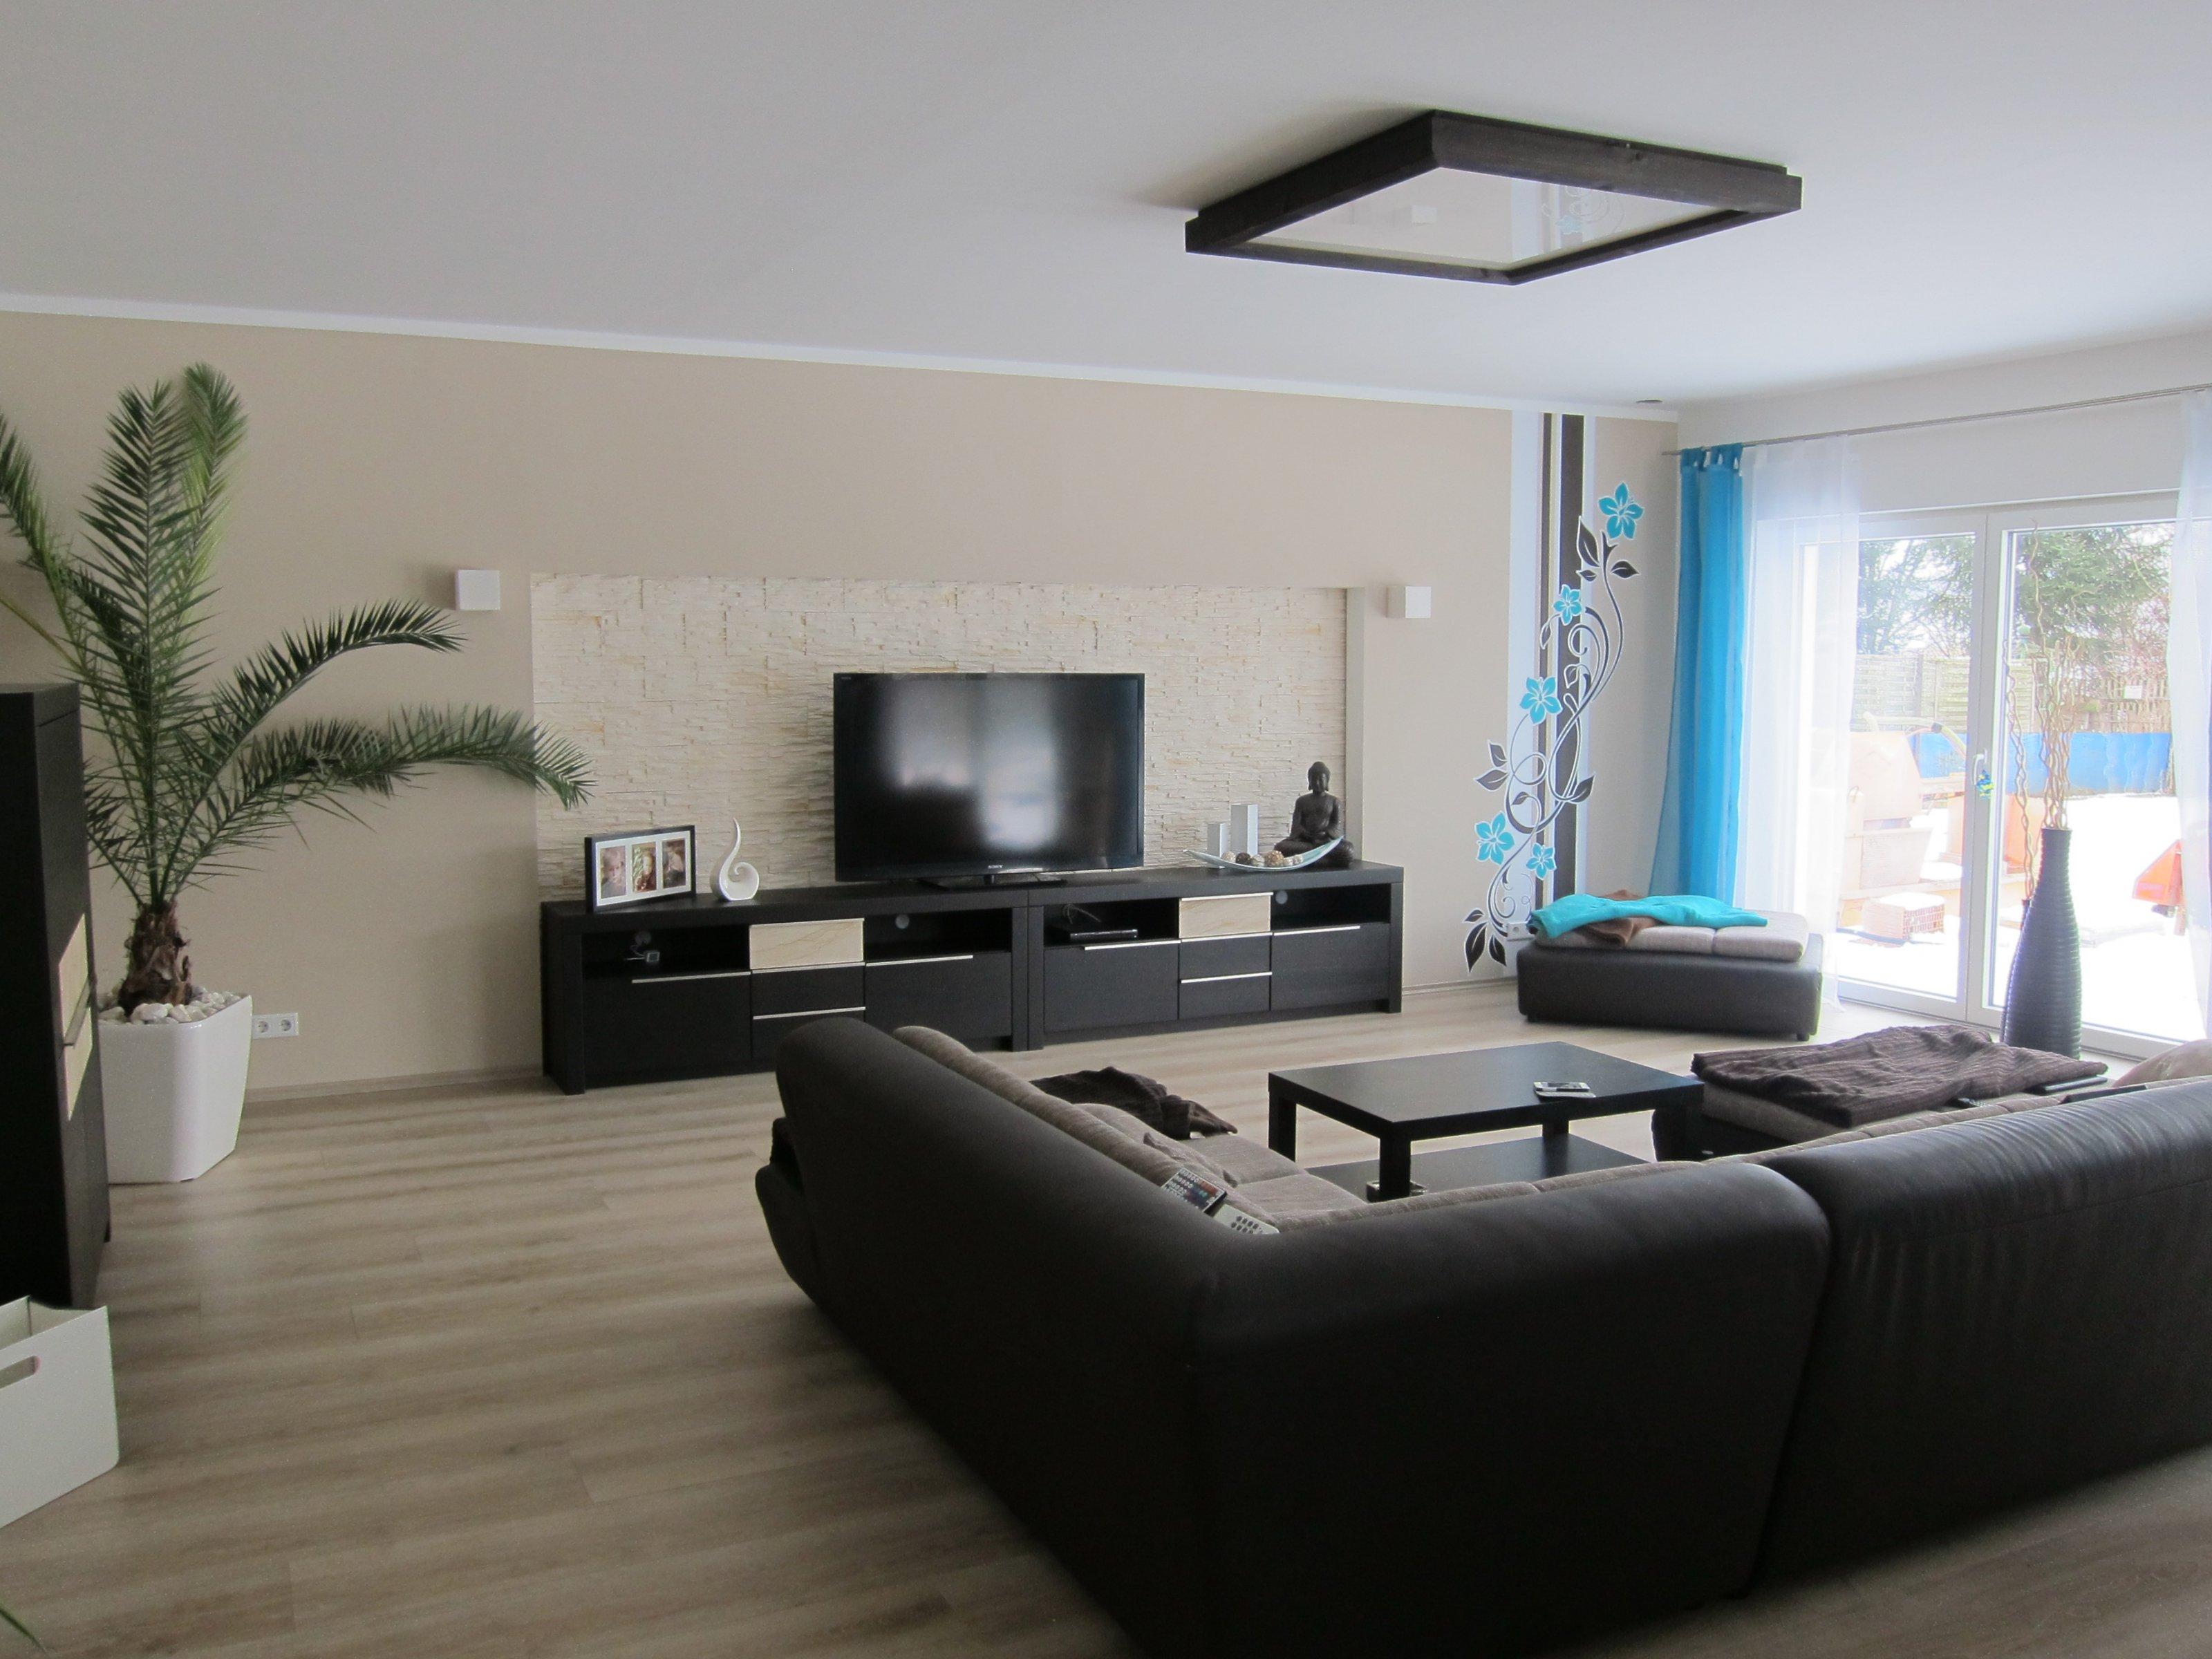 Wohnzimmer Unser Traum vom Haus von lola511 - 33690 ...